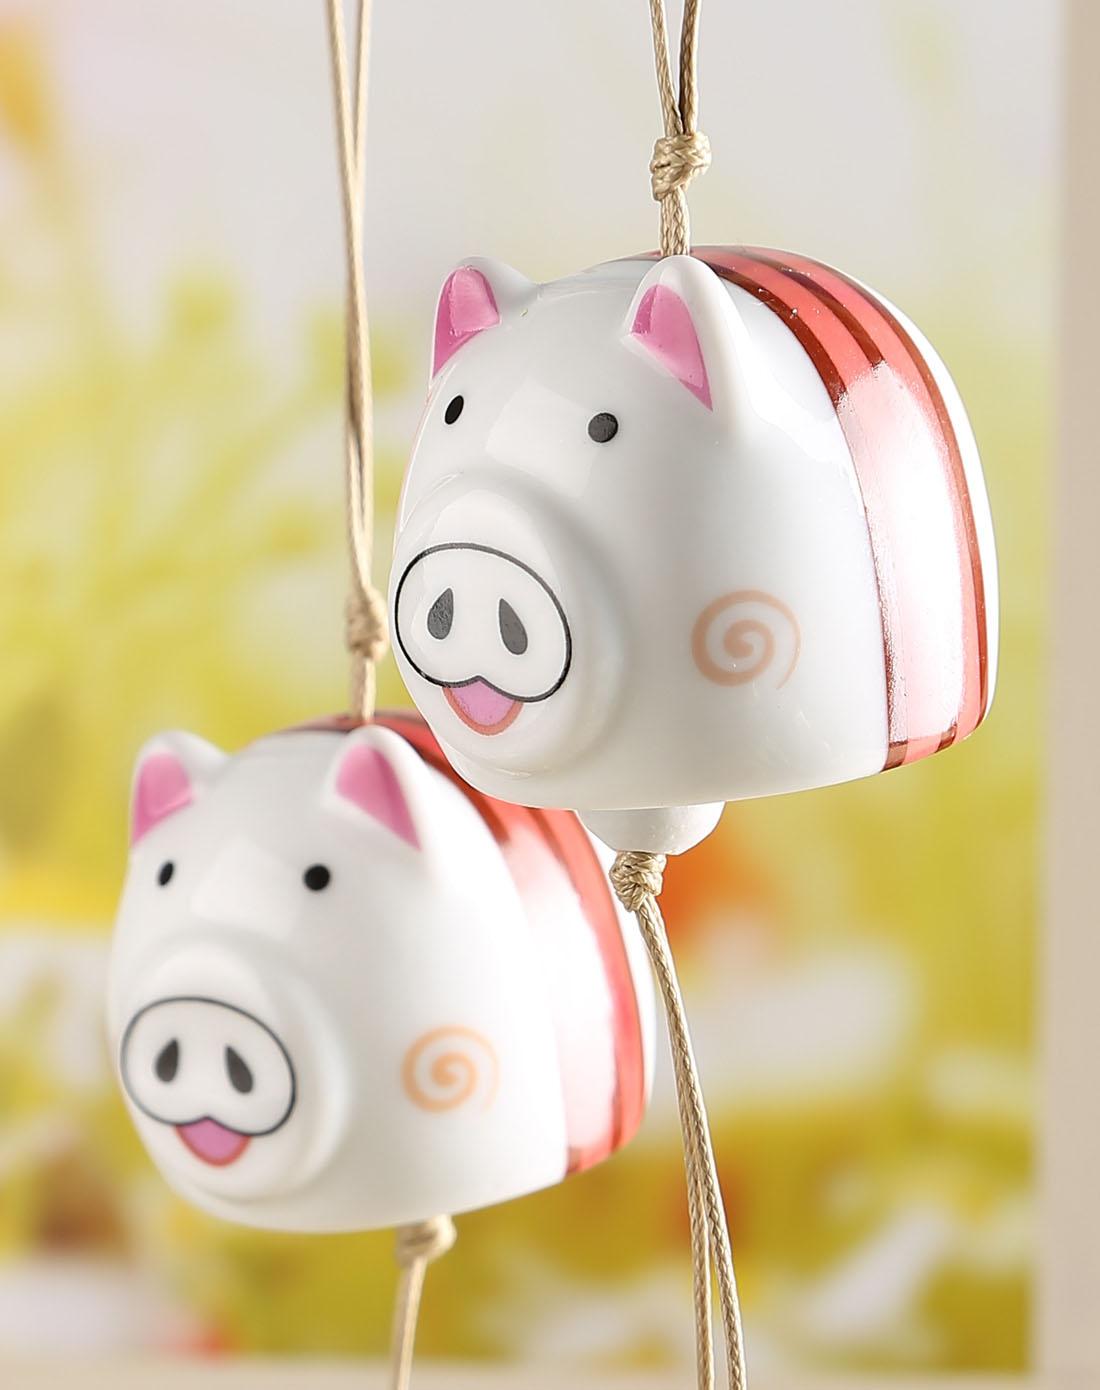 可爱小猪风铃